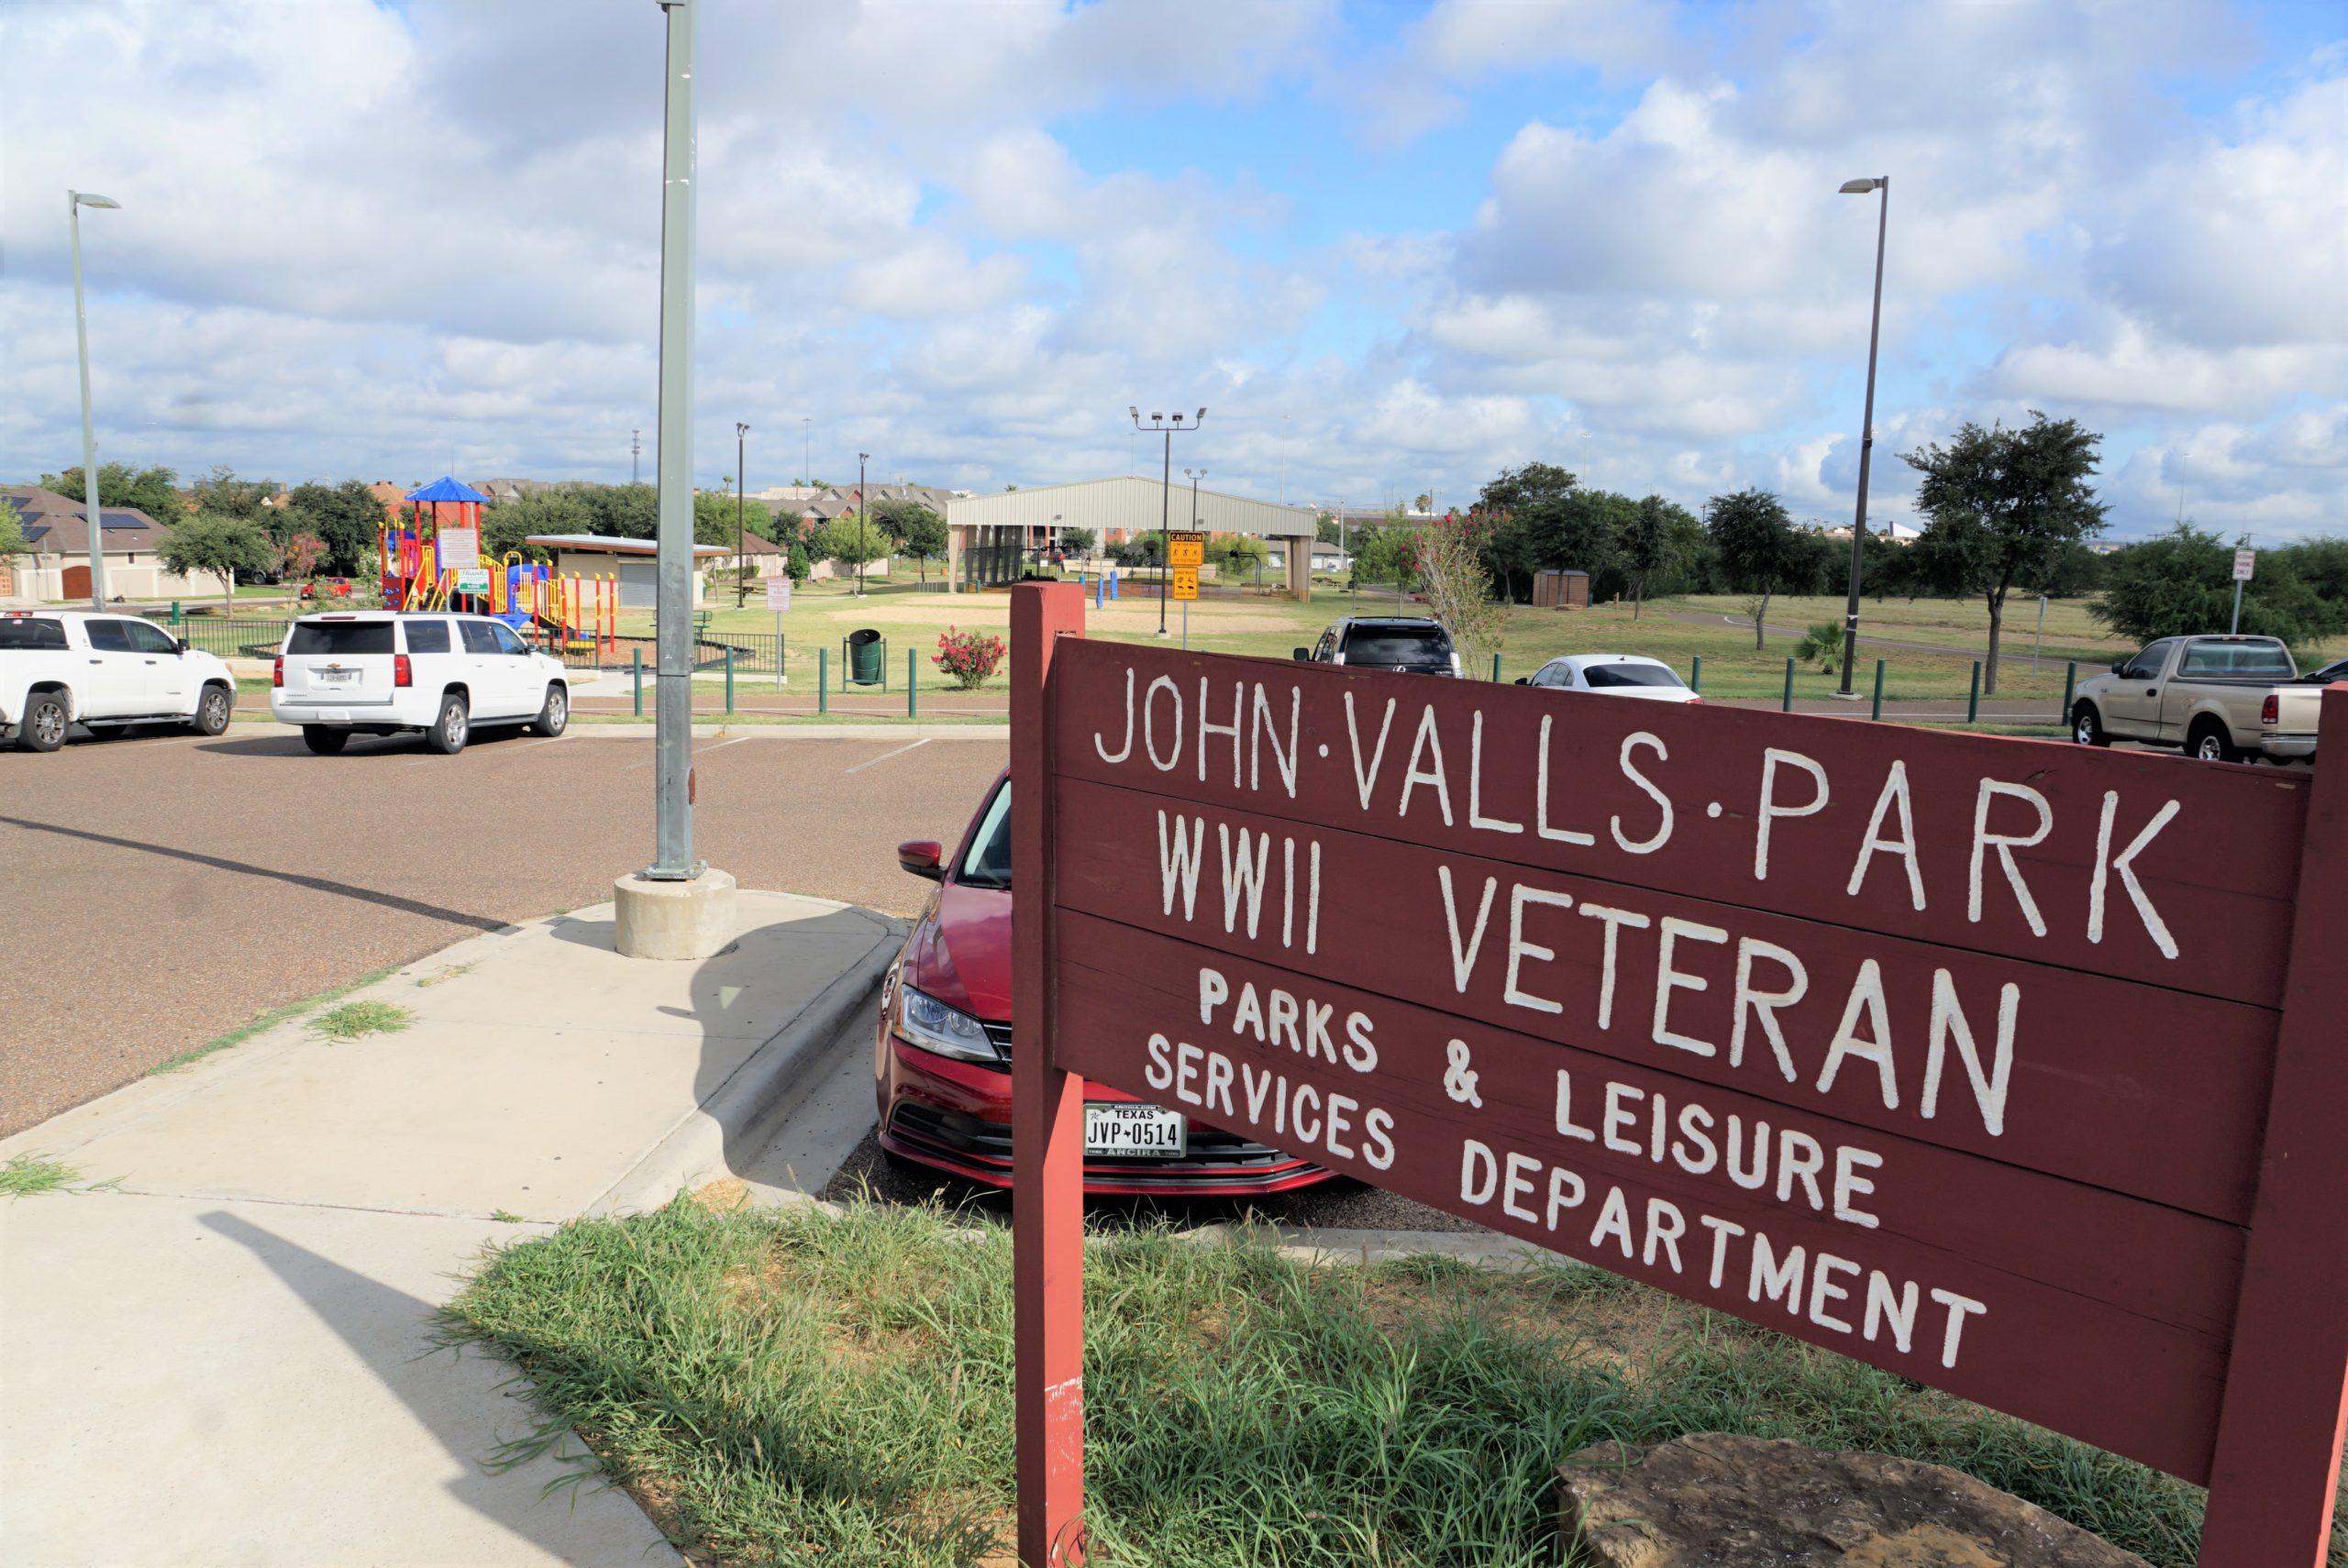 John Valls Park WWII Veteran @ North Central